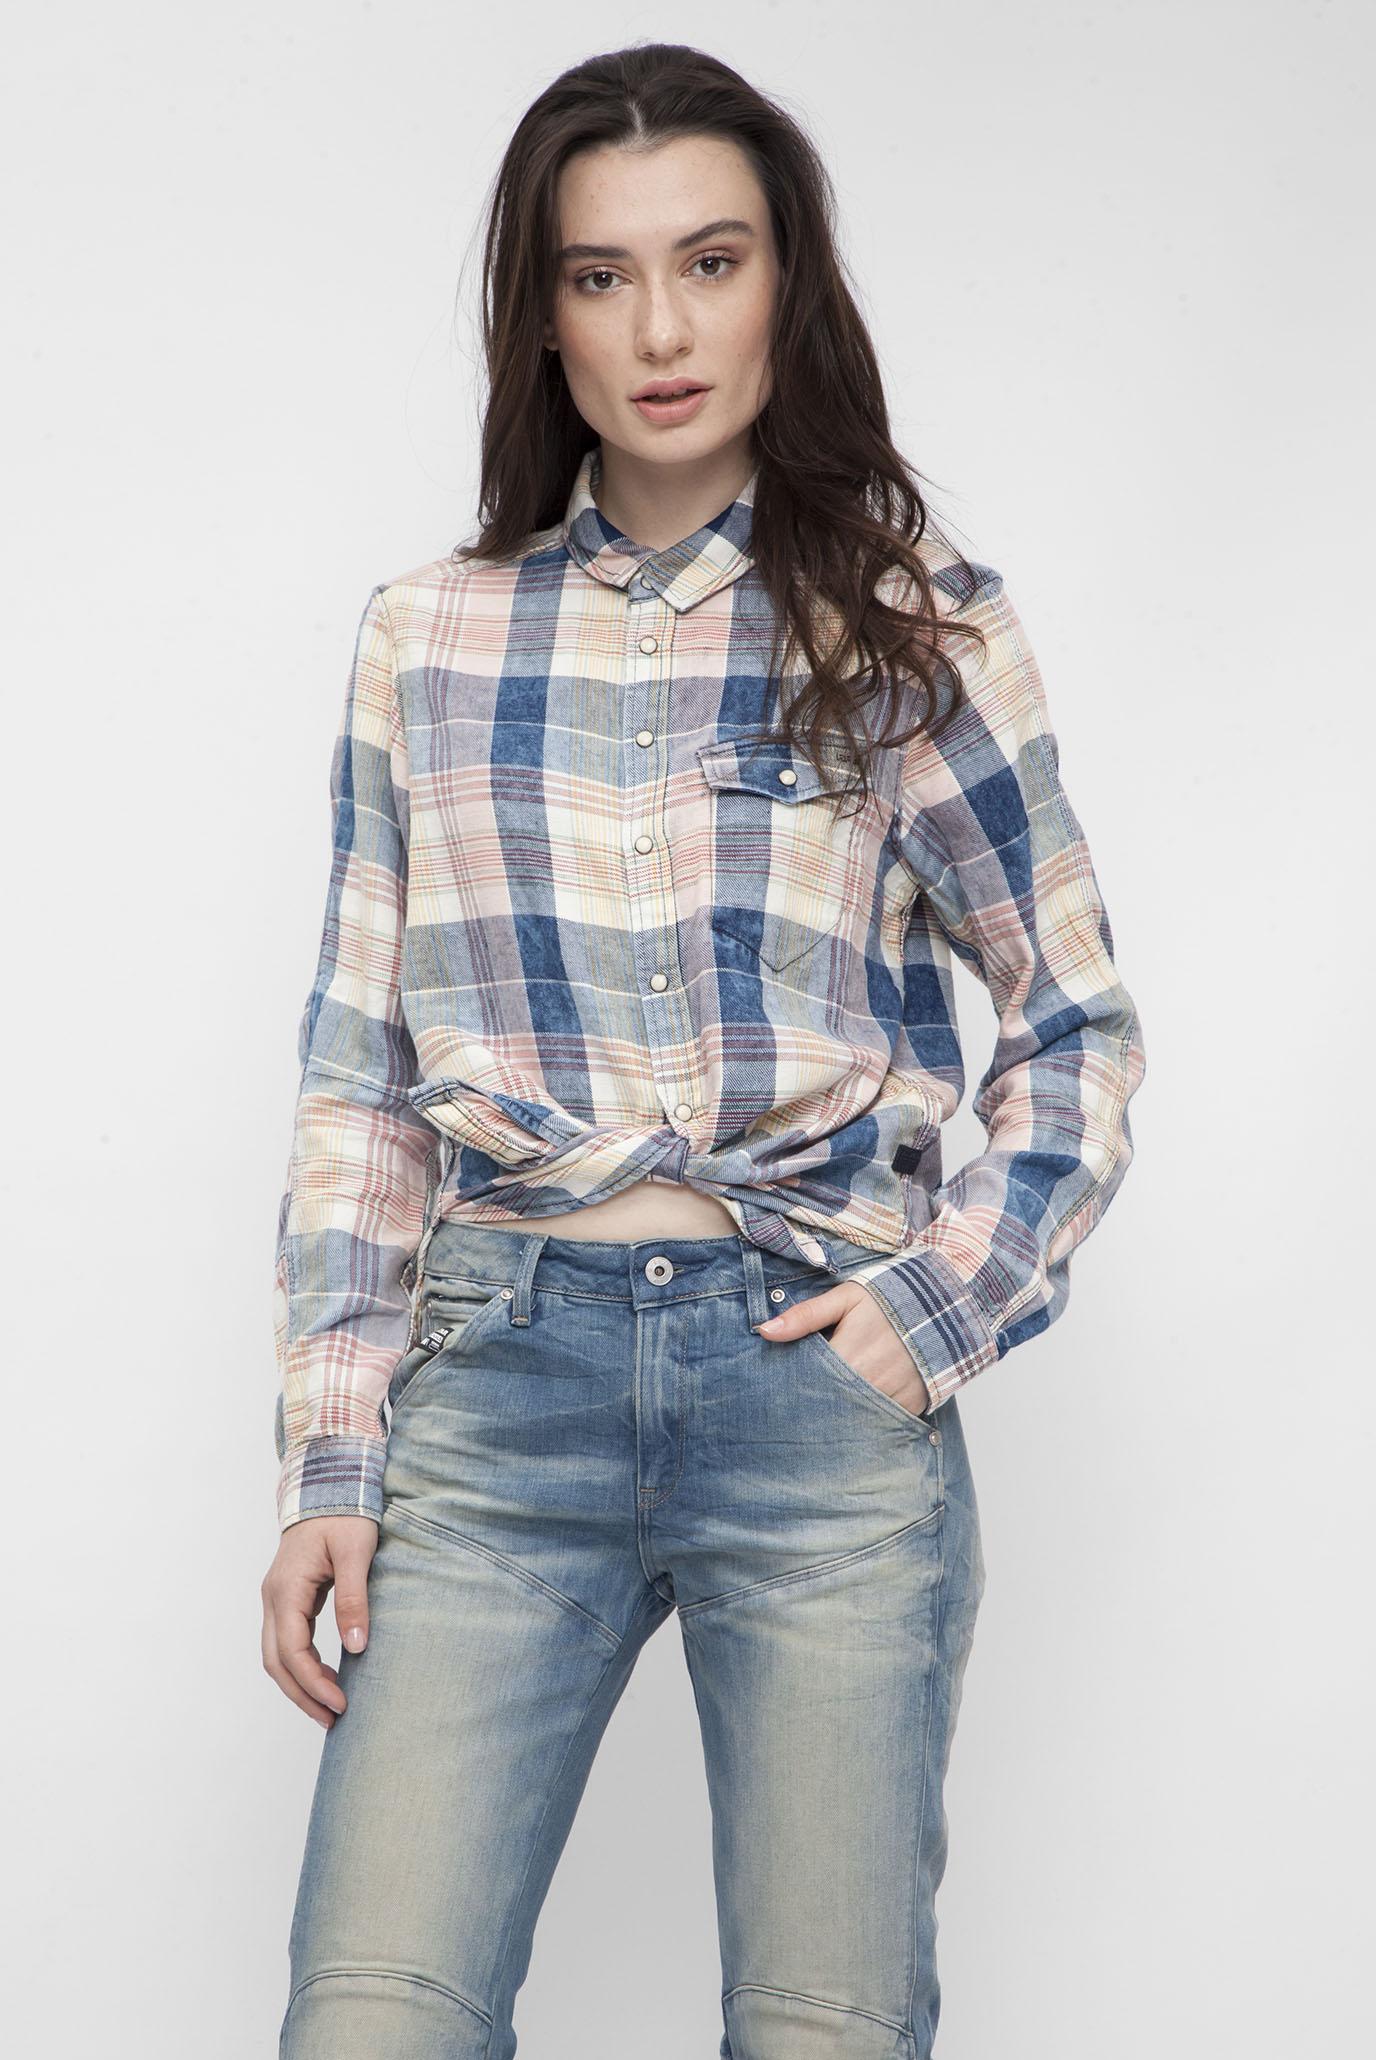 Купить Женская белая рубашка в клетку G-Star RAW G-Star RAW D01839,7957 – Киев, Украина. Цены в интернет магазине MD Fashion